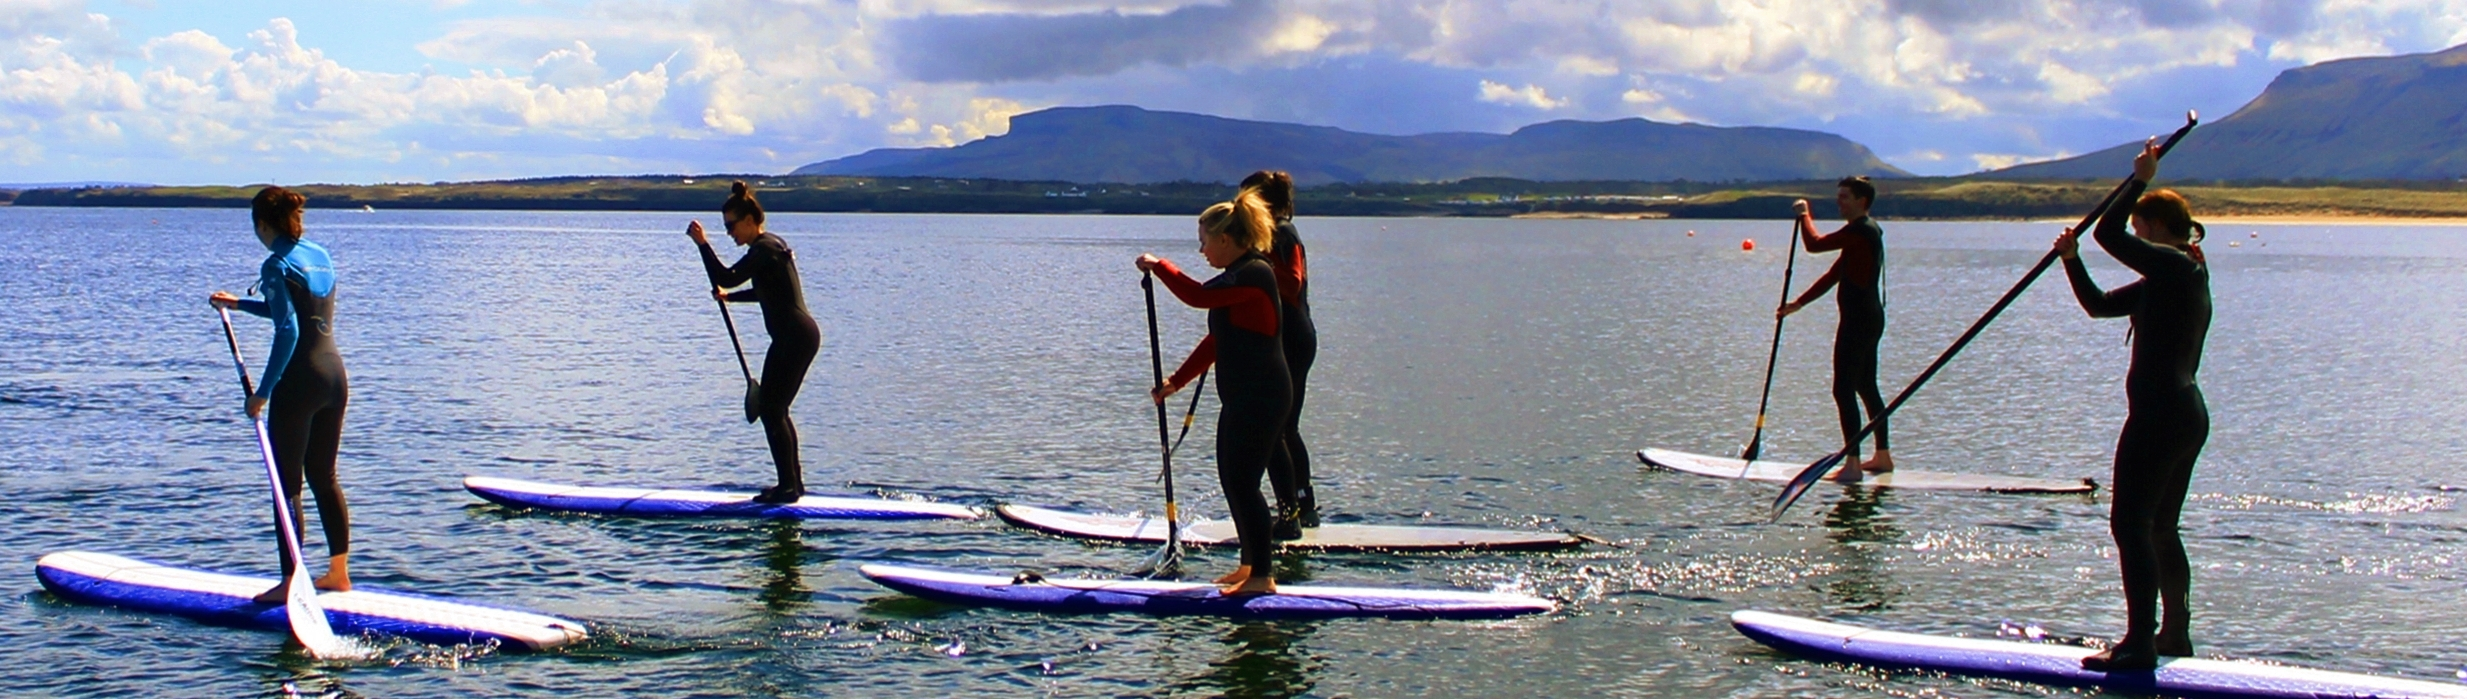 Mullaghmore coastal Tours